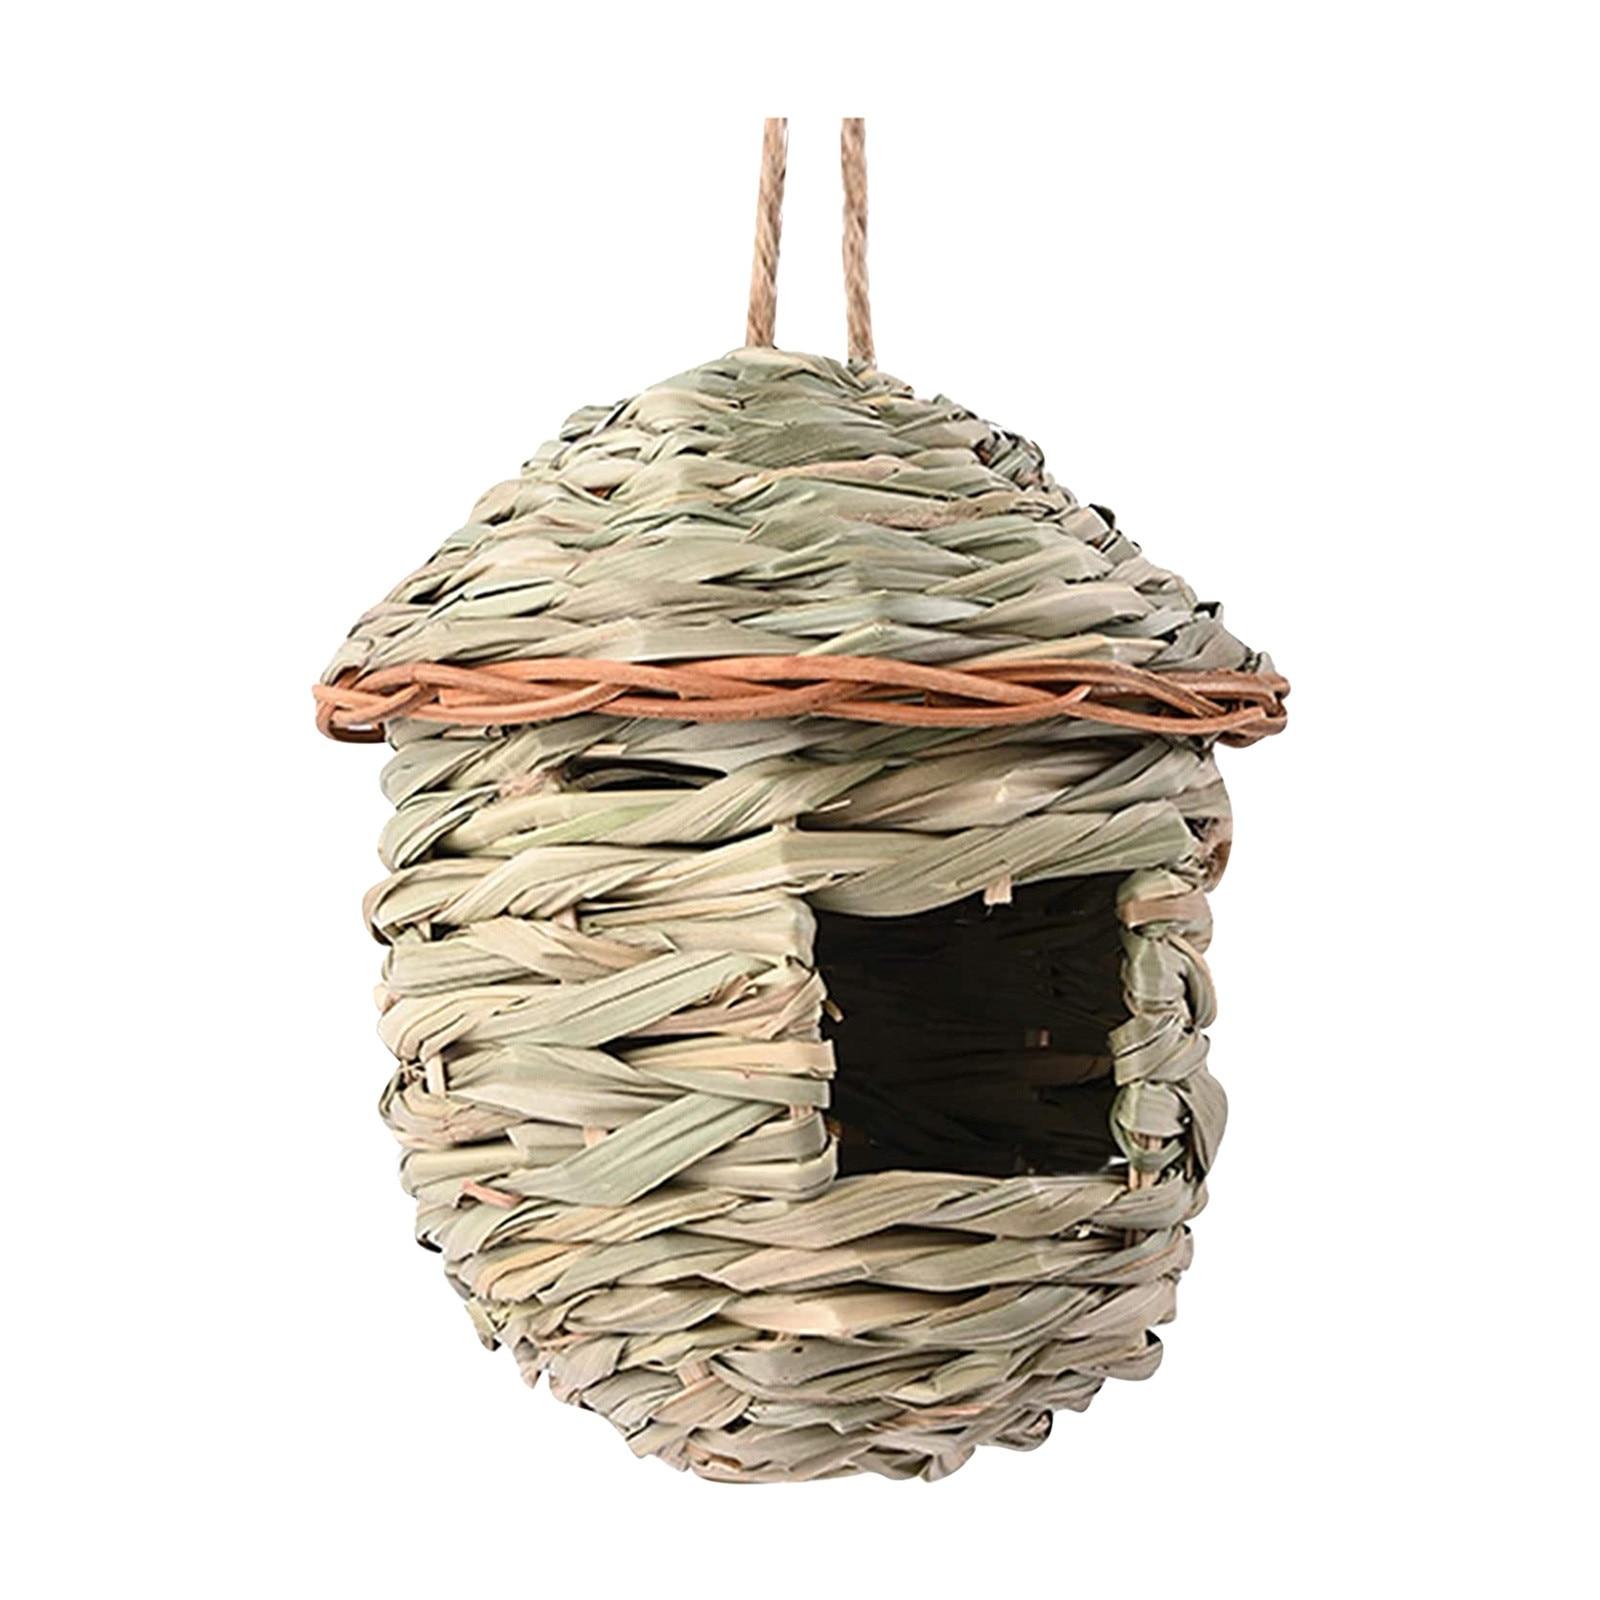 Nido de Pájaro colgante tejido de paja, caja para decoración de jardín...